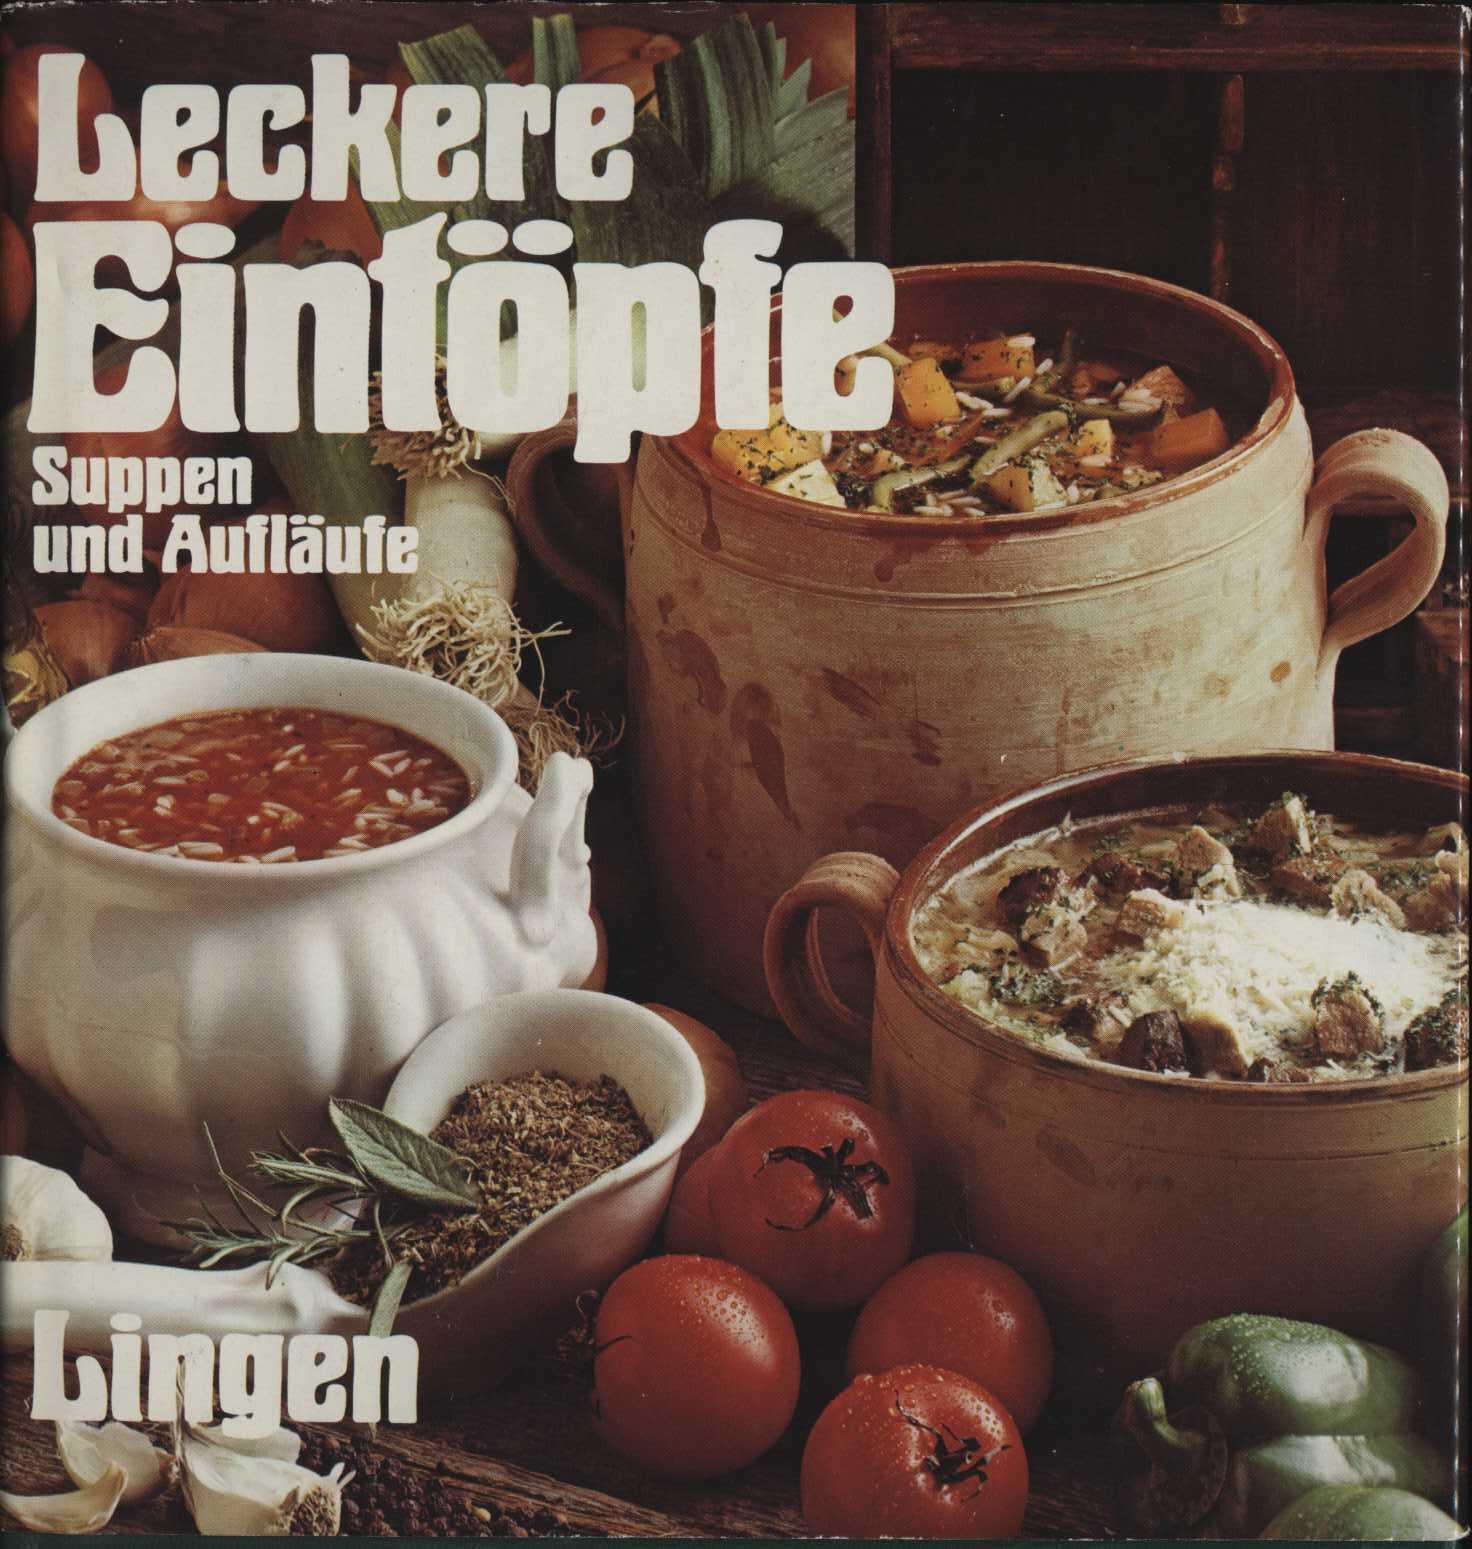 Leckere Eintöpfe - Suppen und Aufläufe aus aller Welt gebunden 1976, Lingen